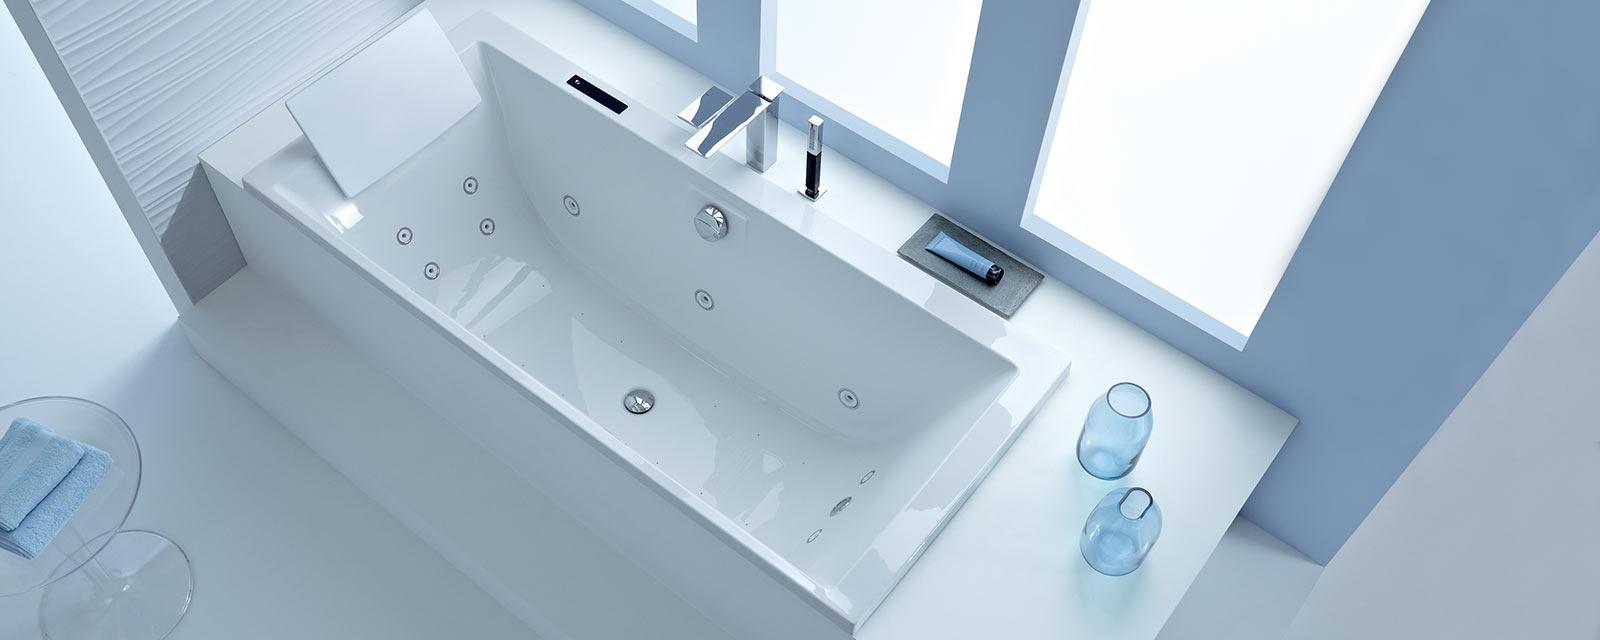 Quelle baignoire balnéo choisir pour votre salle de bains ?   Guide ...